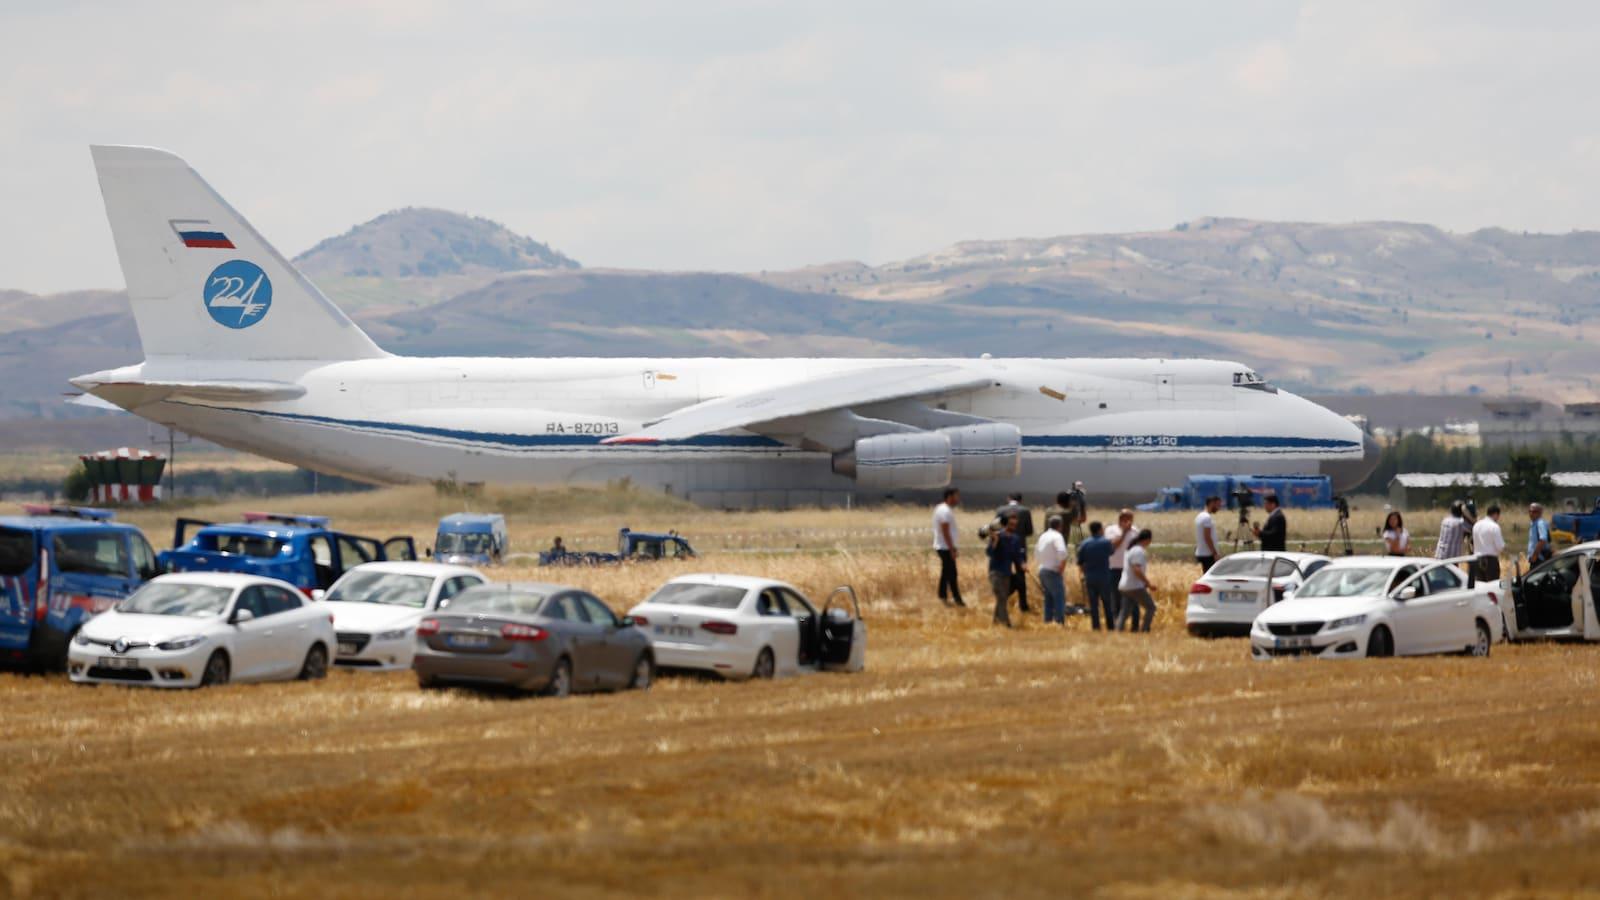 Un Antonov 124 de l'armée russe est visible derrière plusieurs véhicules. Des journalistes sont présents.